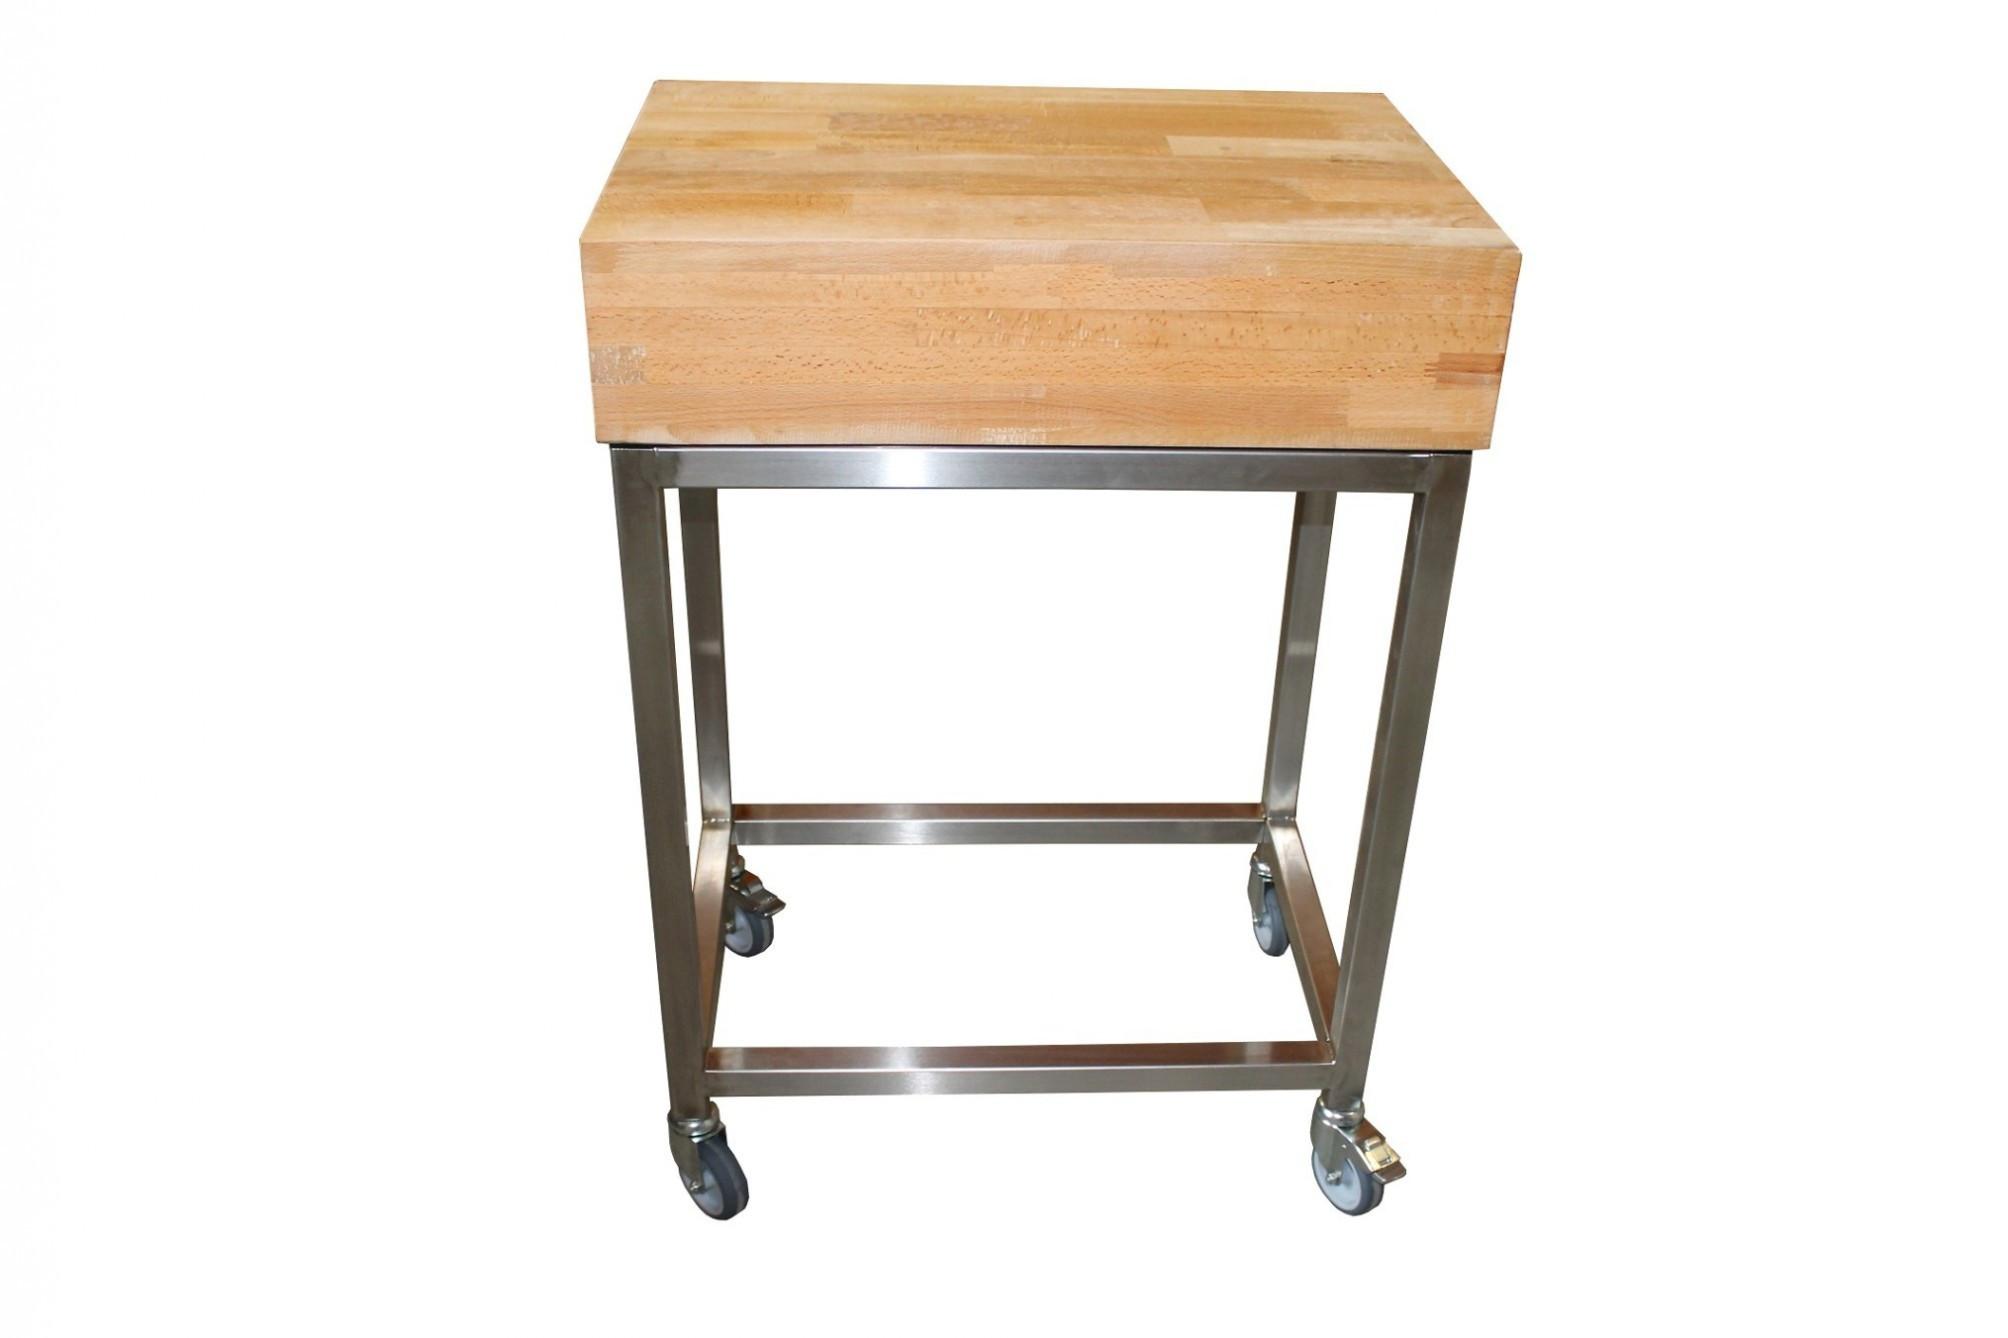 meuble de bar meuble bar bois meuble bar bois lesmeubles idee bar steinteppich of meuble de bar 1